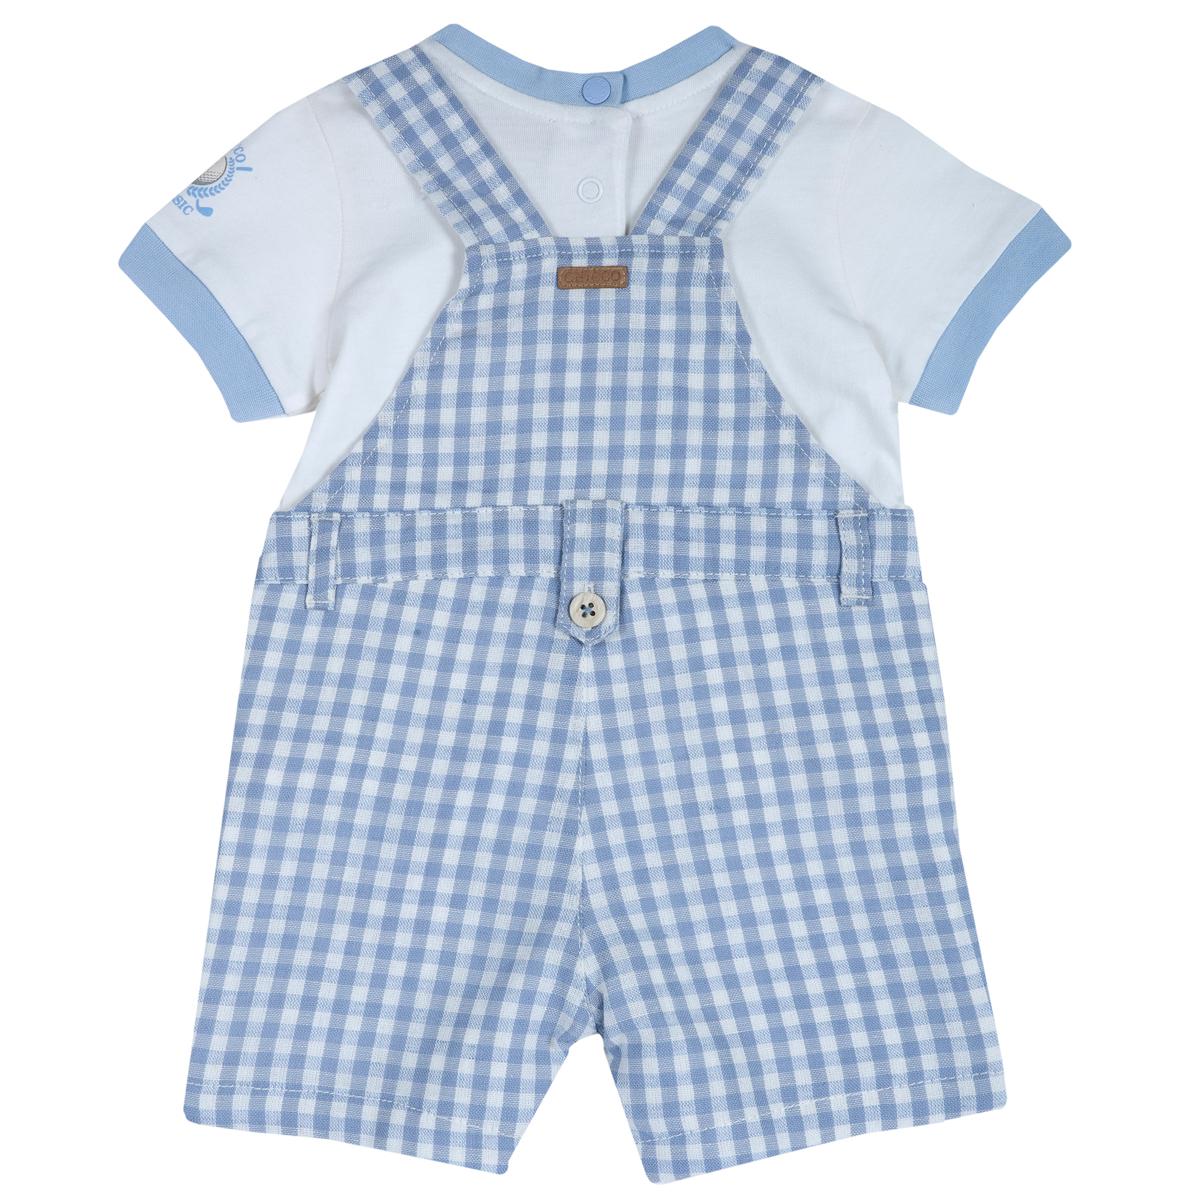 Set Pentru Copii Chicco, Salopeta Pantalon Si Tricoul, Albastru, 75536 imagine